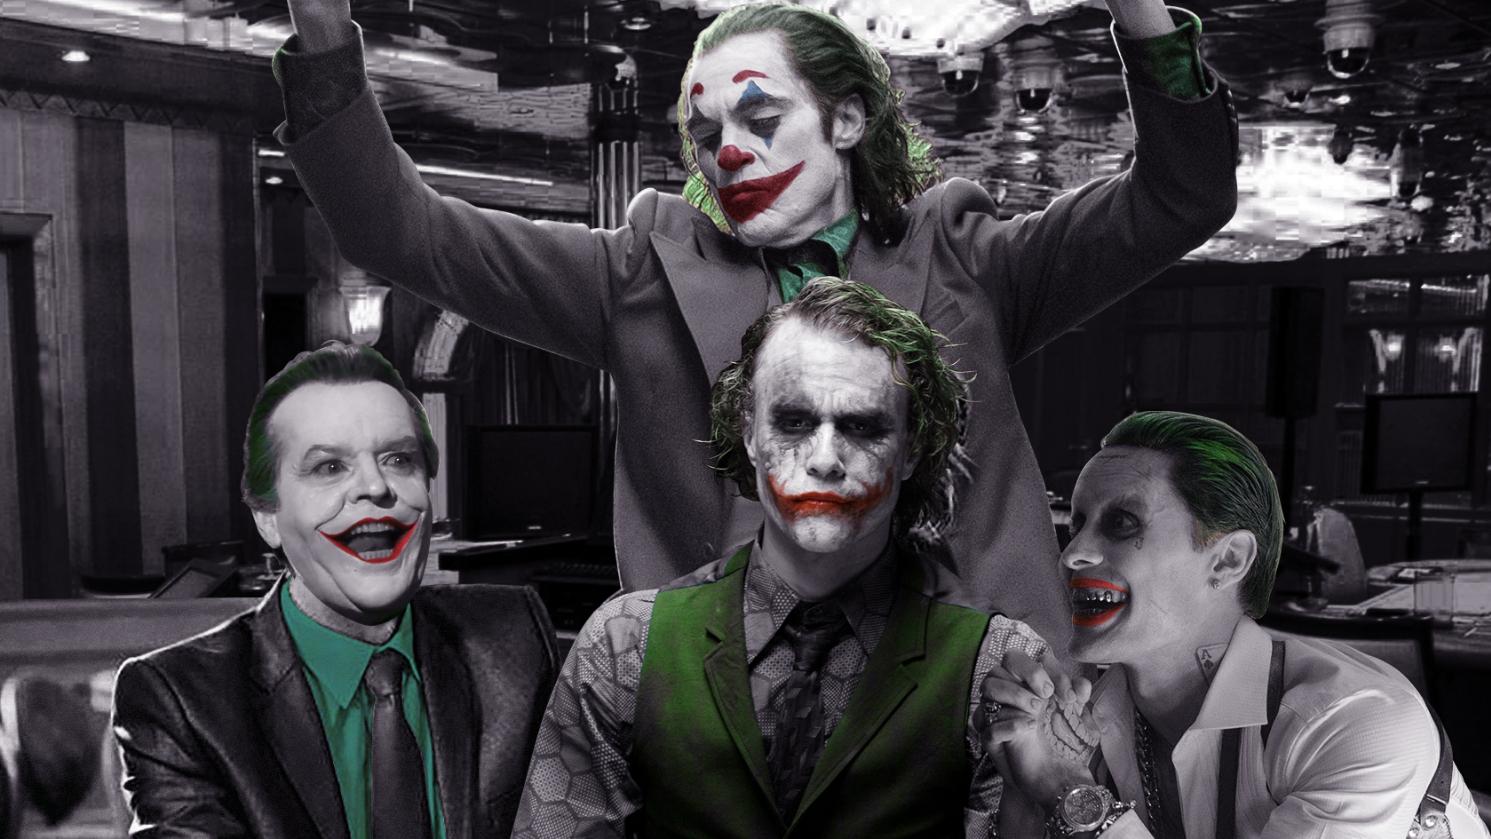 「A站独家」小丑盘点!历代荧幕影视剧里的小丑形象